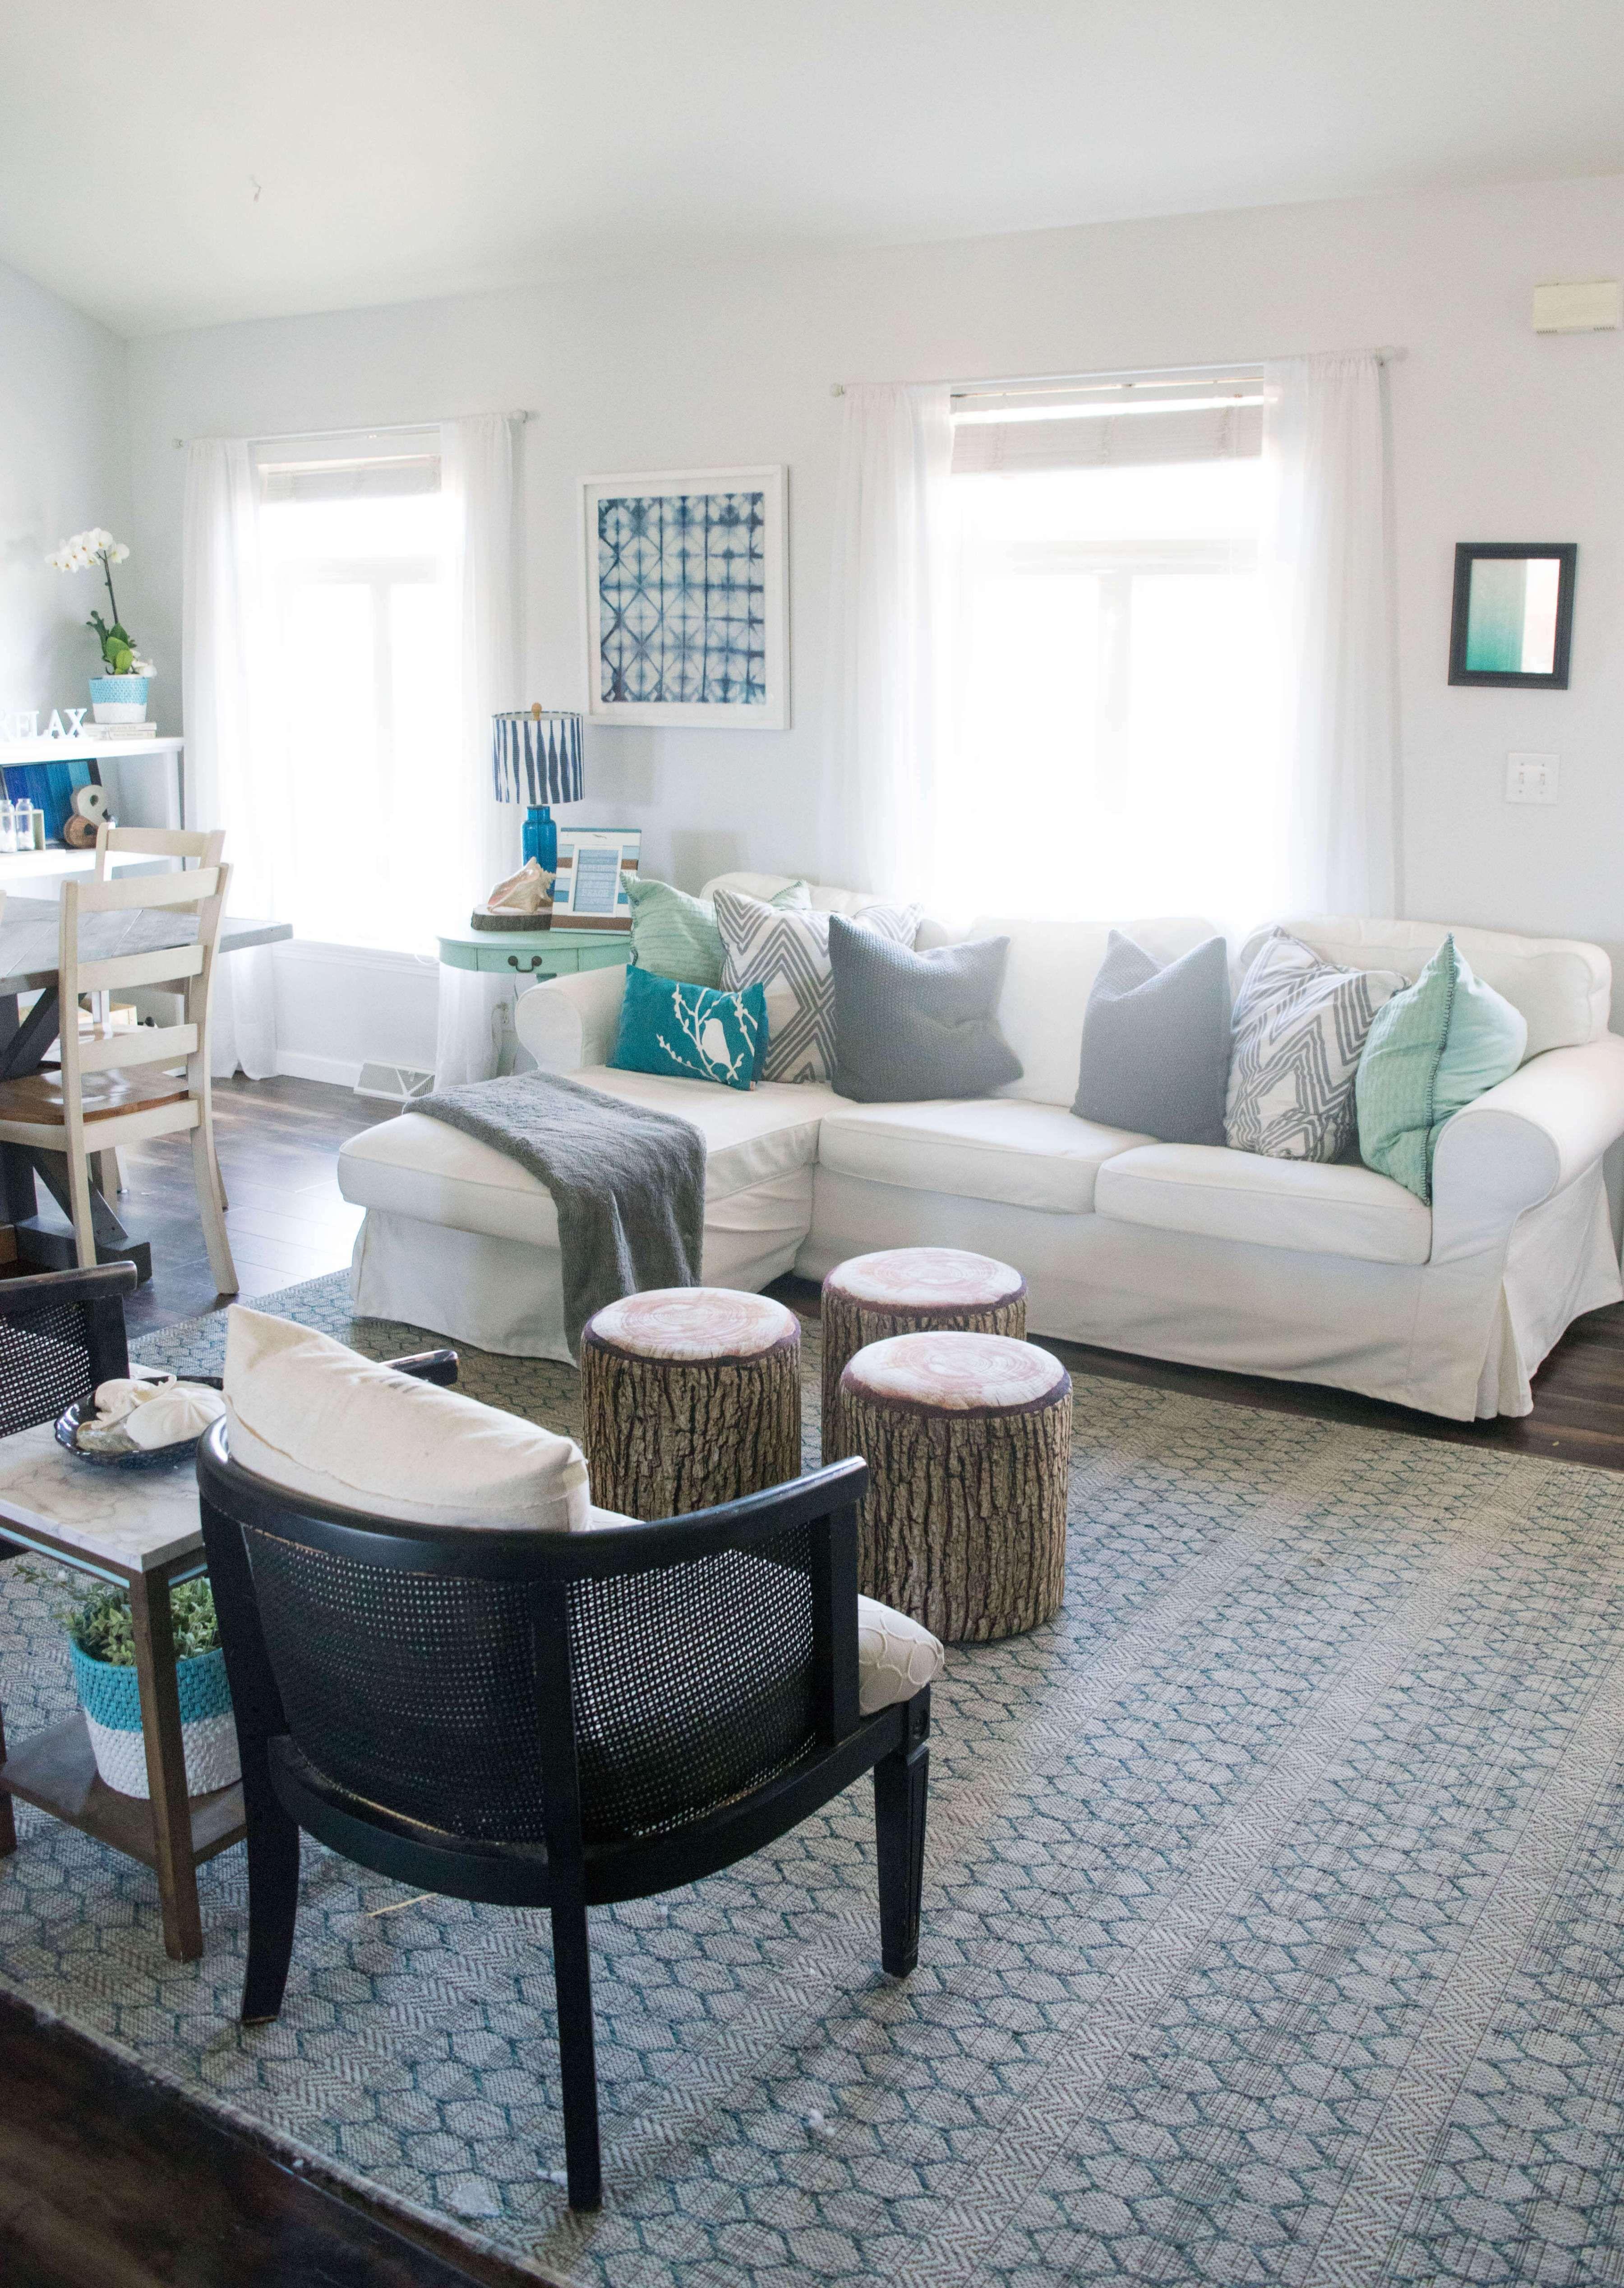 Bright Living Room. Spring Home Tour, 20 Popular Home